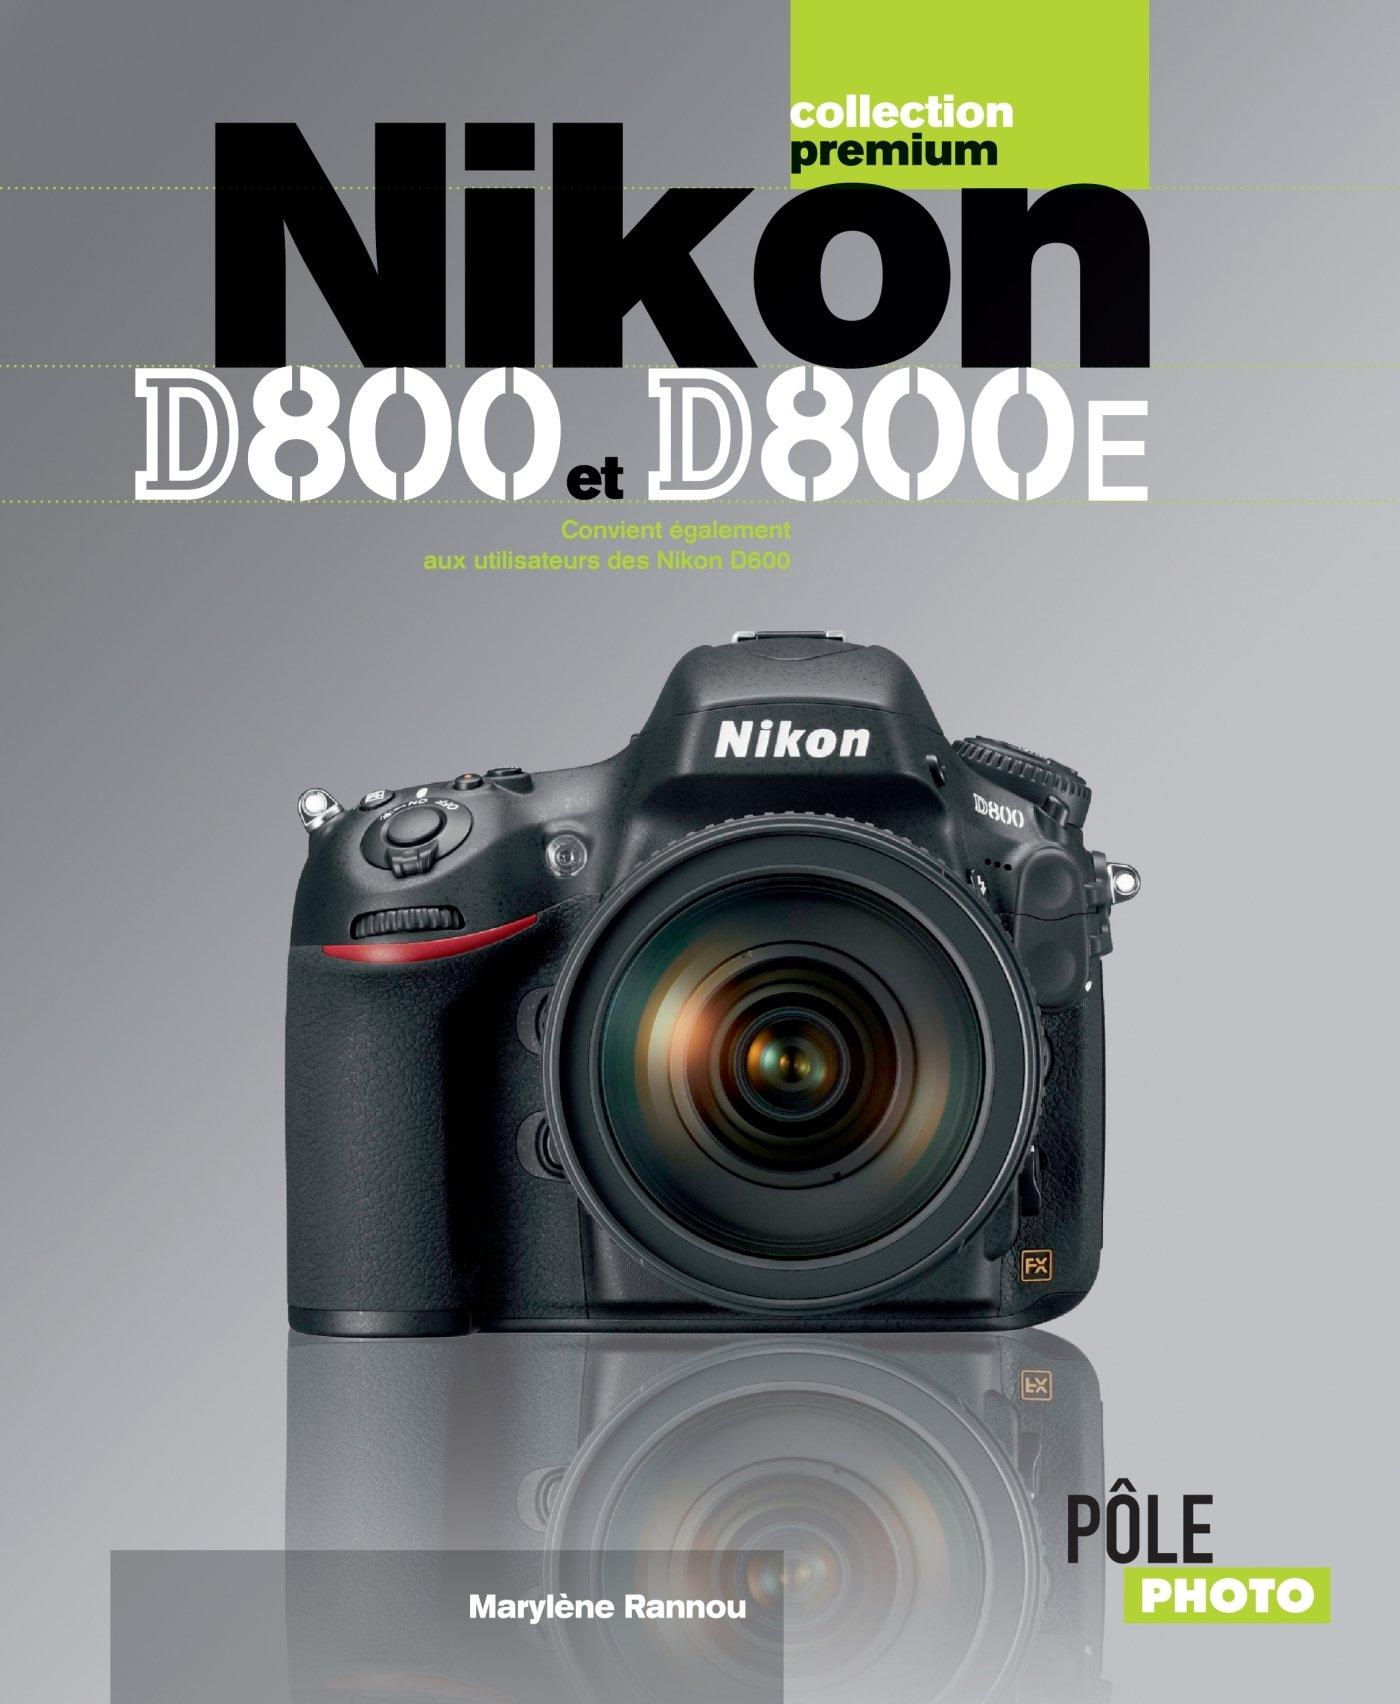 NIKON D800 NOTICE TÉLÉCHARGER